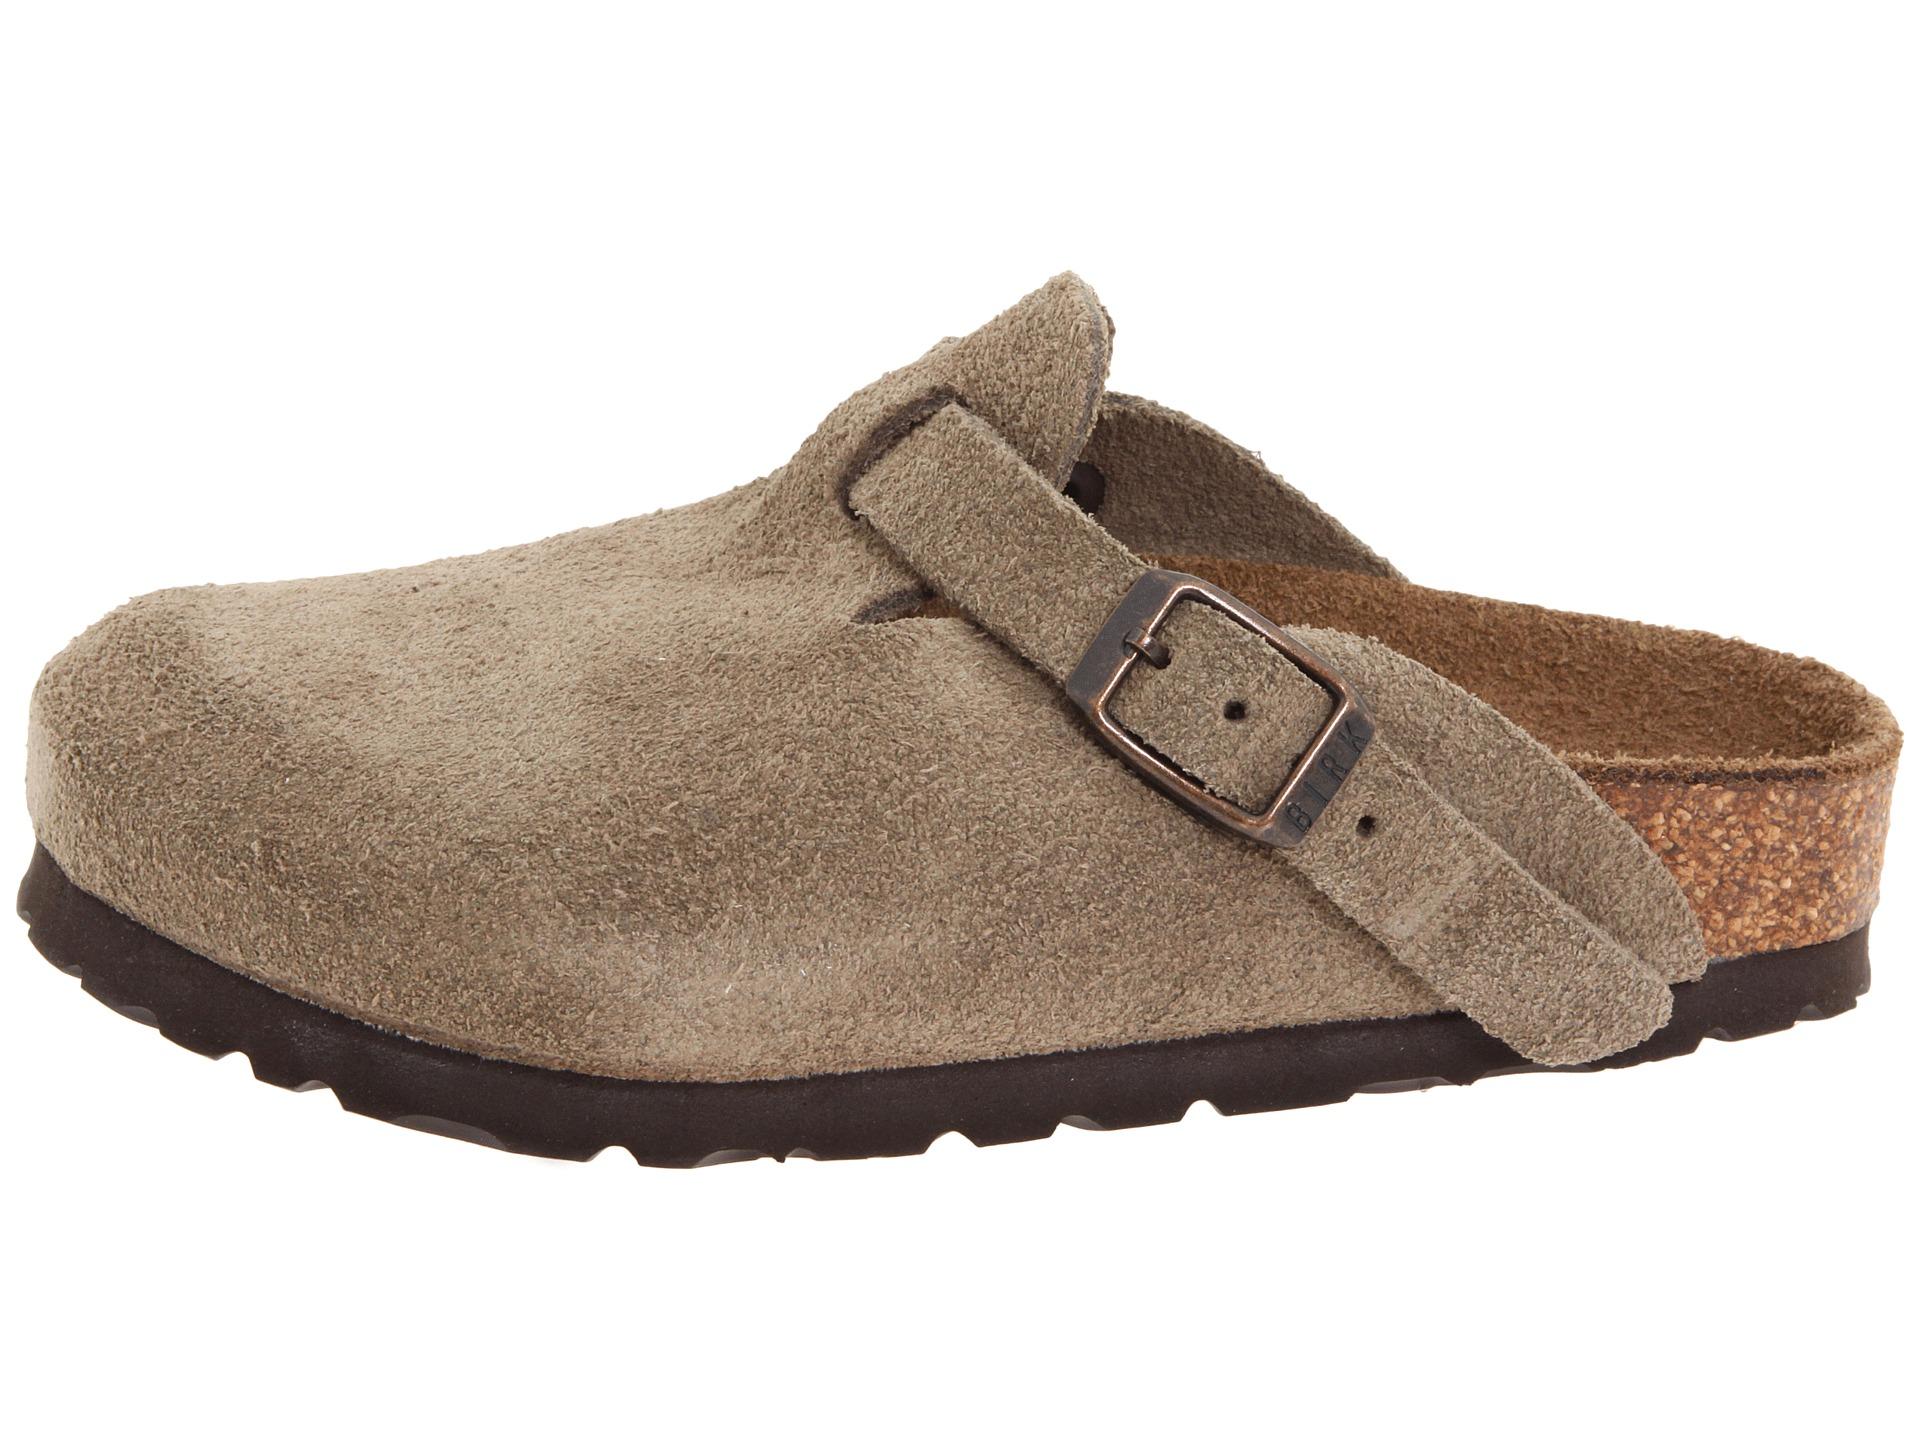 d2190497308d48 birkenstock arizona suede navy blue sandals black rubber birkenstocks